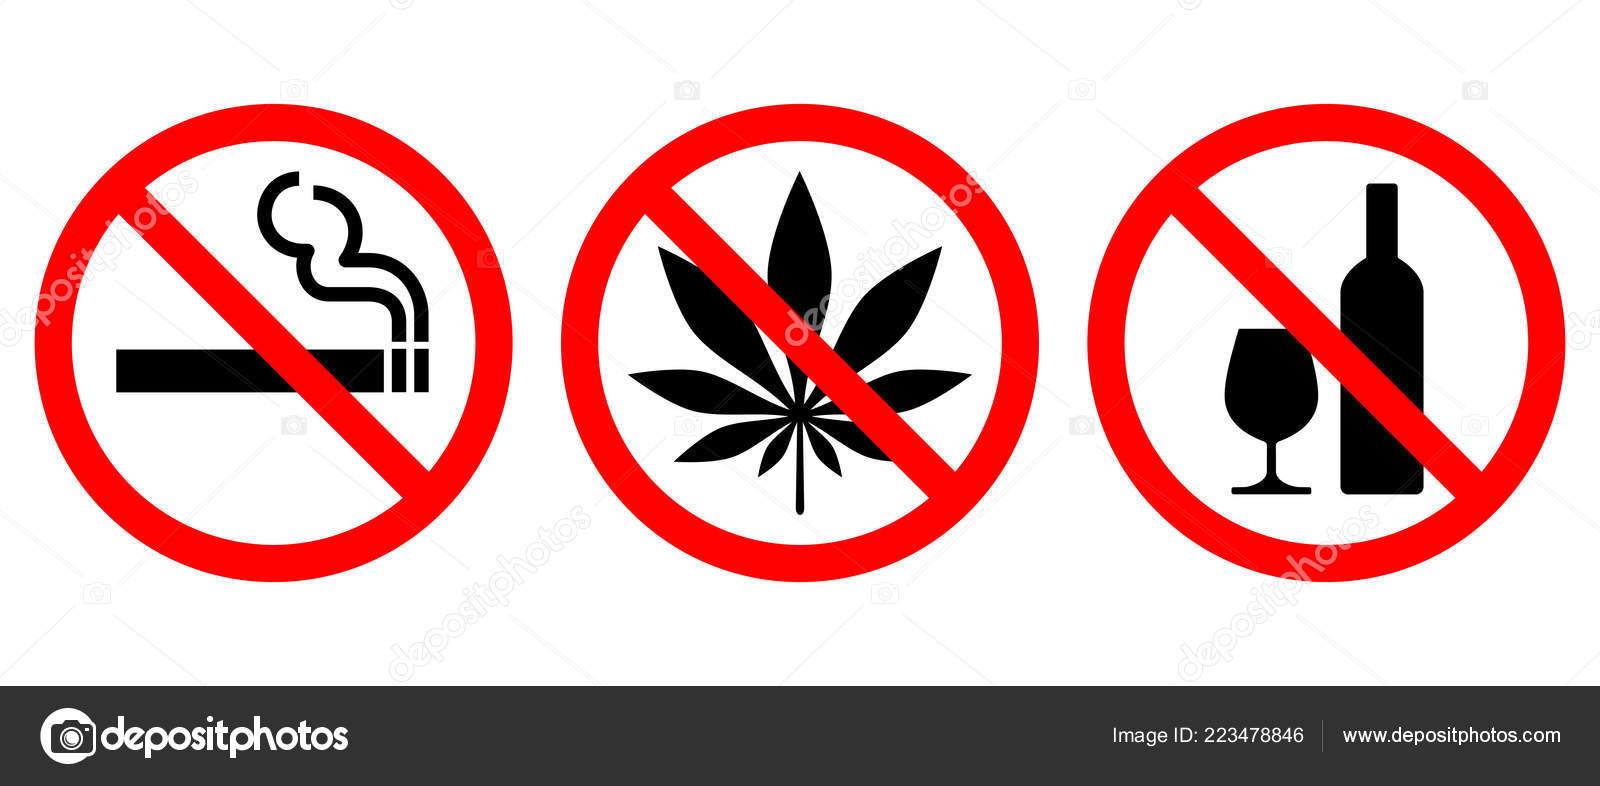 Sada Zakazující Značky Izolovaných Bílém Pozadí Symboly